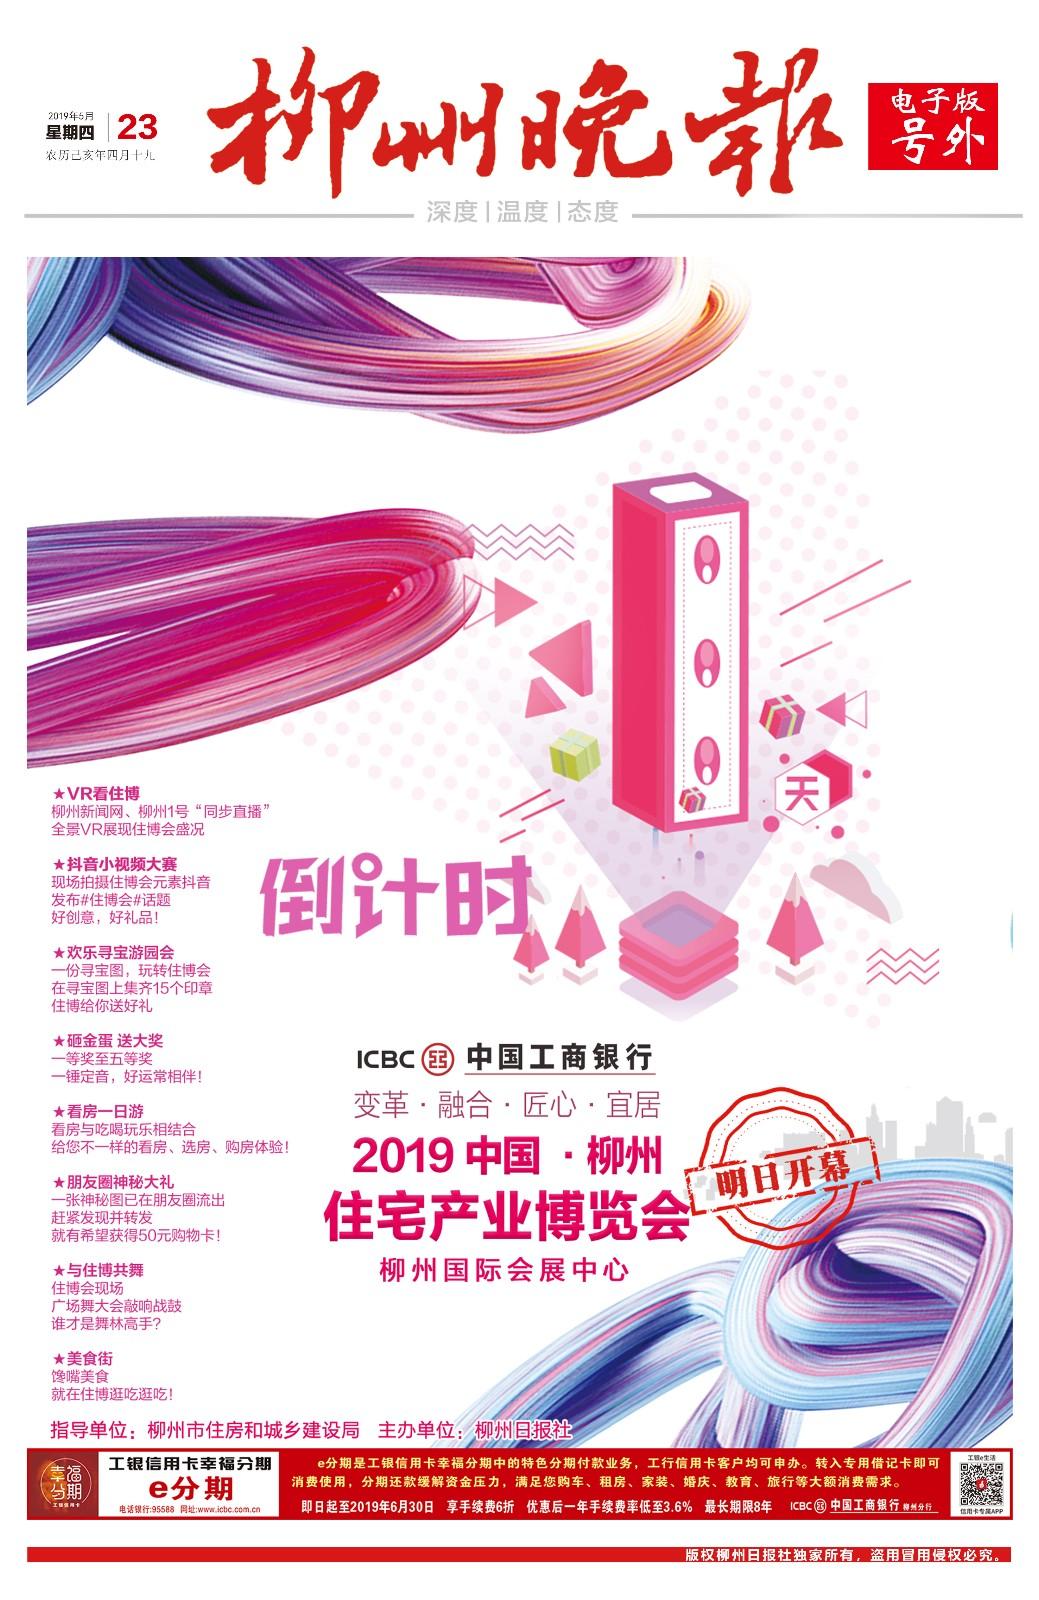 柳州晚報電子號外|2019中國·柳州住宅博覽會倒計時1天!